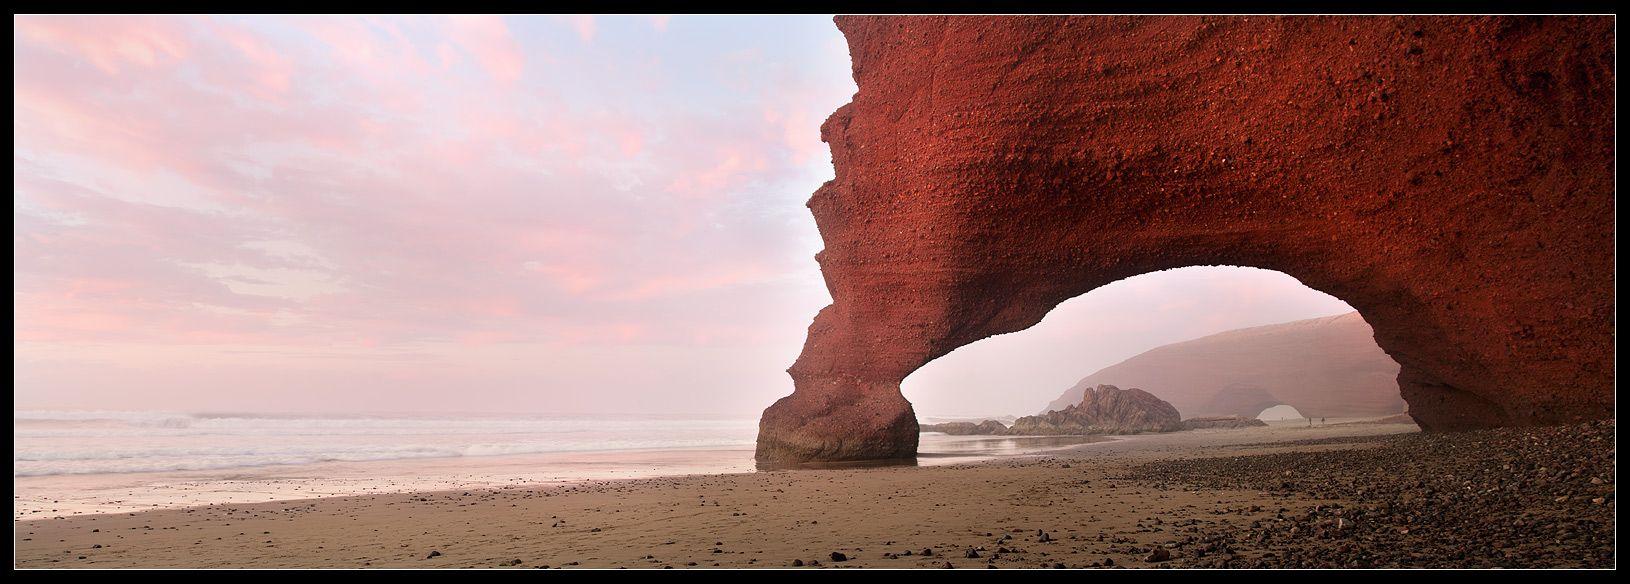 вечер и утро-самое хорошее время для одинокой прогулки, вдоль этого побережья.